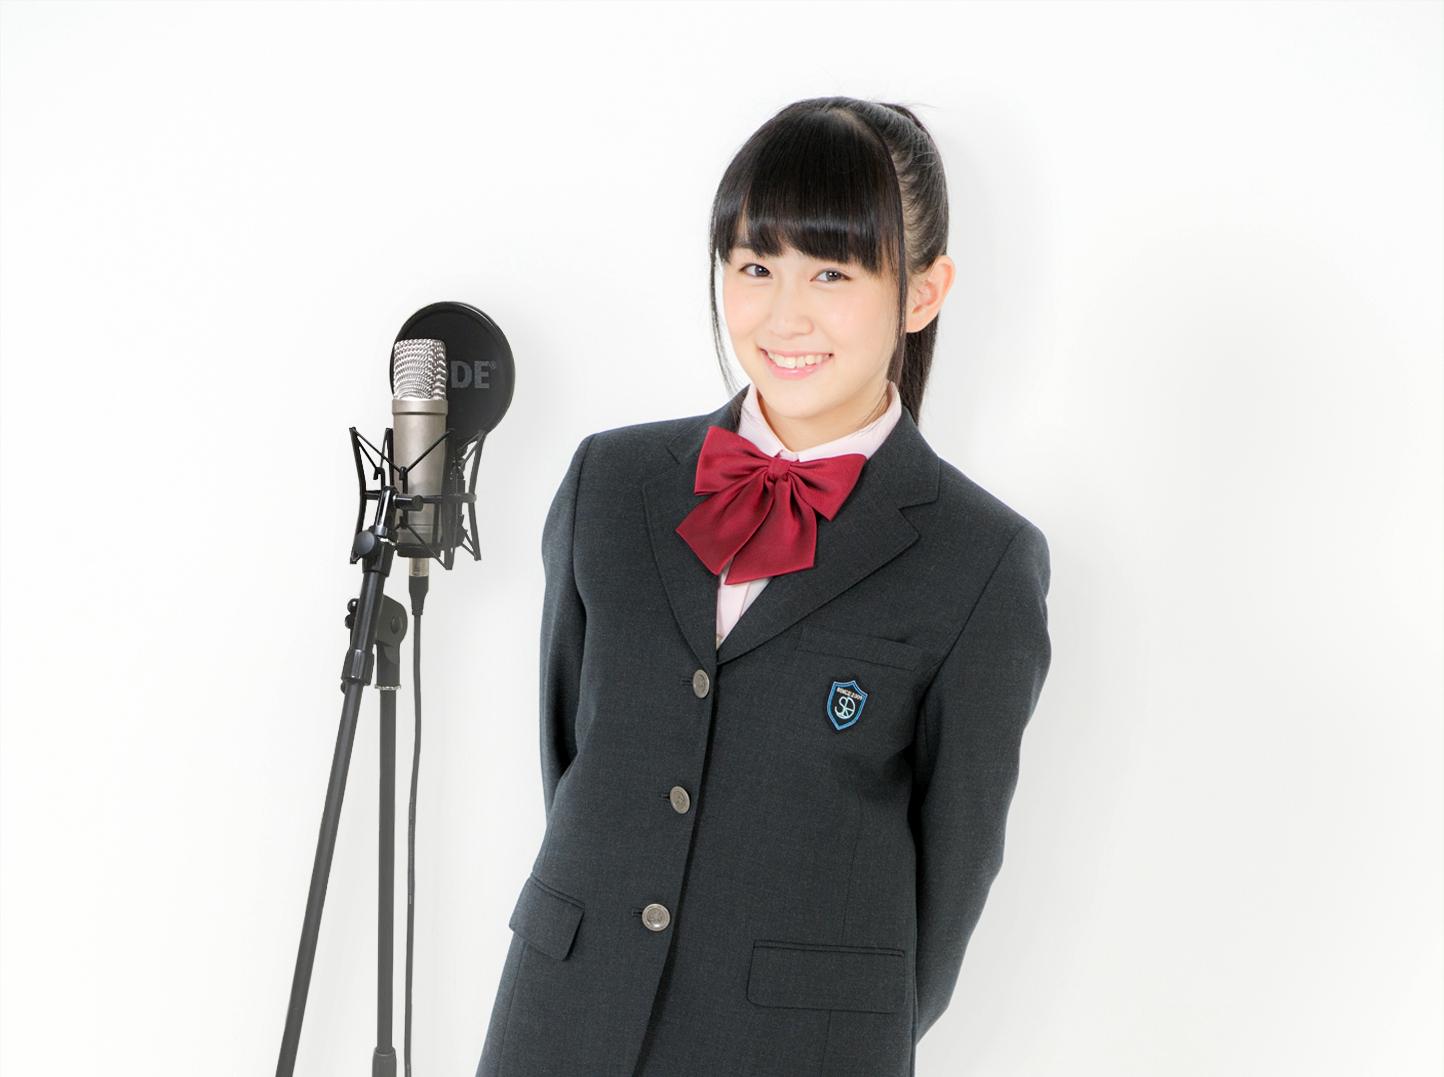 精華学園高等学校 東京ボイス校:いい声で話そう!